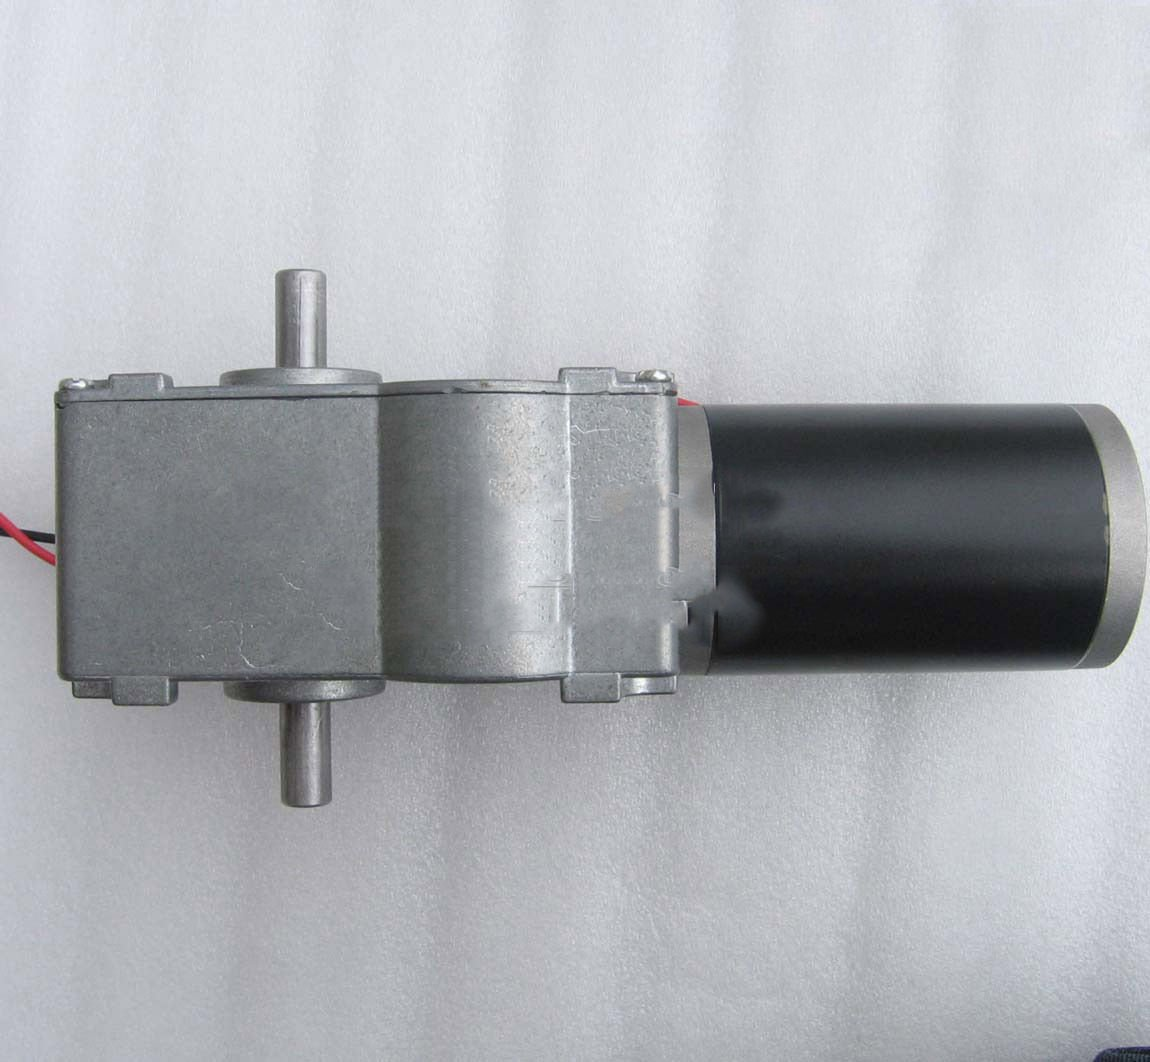 DC 24V 60RPM 68KG.cm High Torque 12mm Dual Shaft Turbo Worm Gear Motor GW63ZY